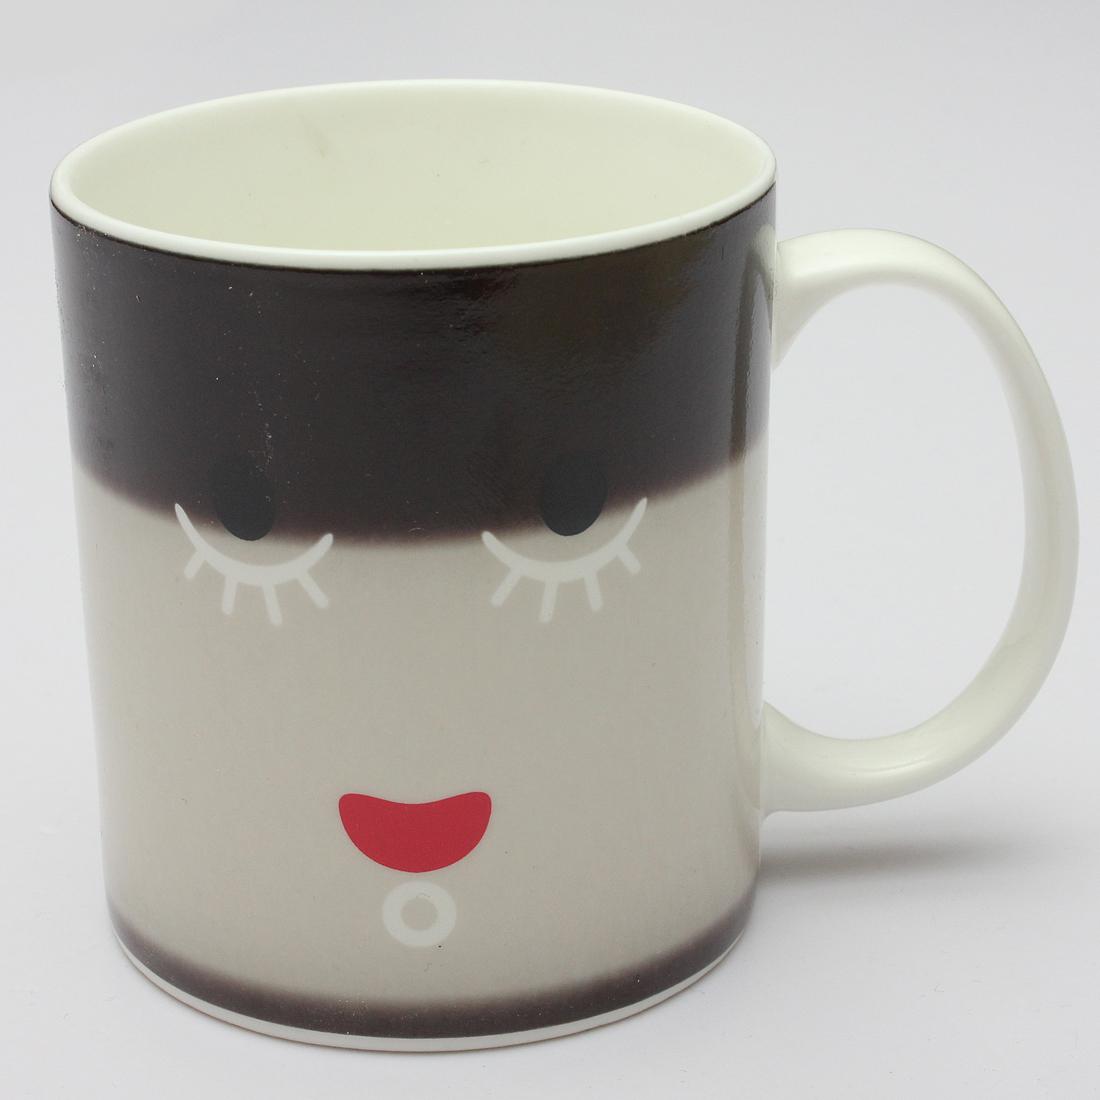 magique mug couleur chang r agit chaleur selon temp rature tasse caf cadeau. Black Bedroom Furniture Sets. Home Design Ideas